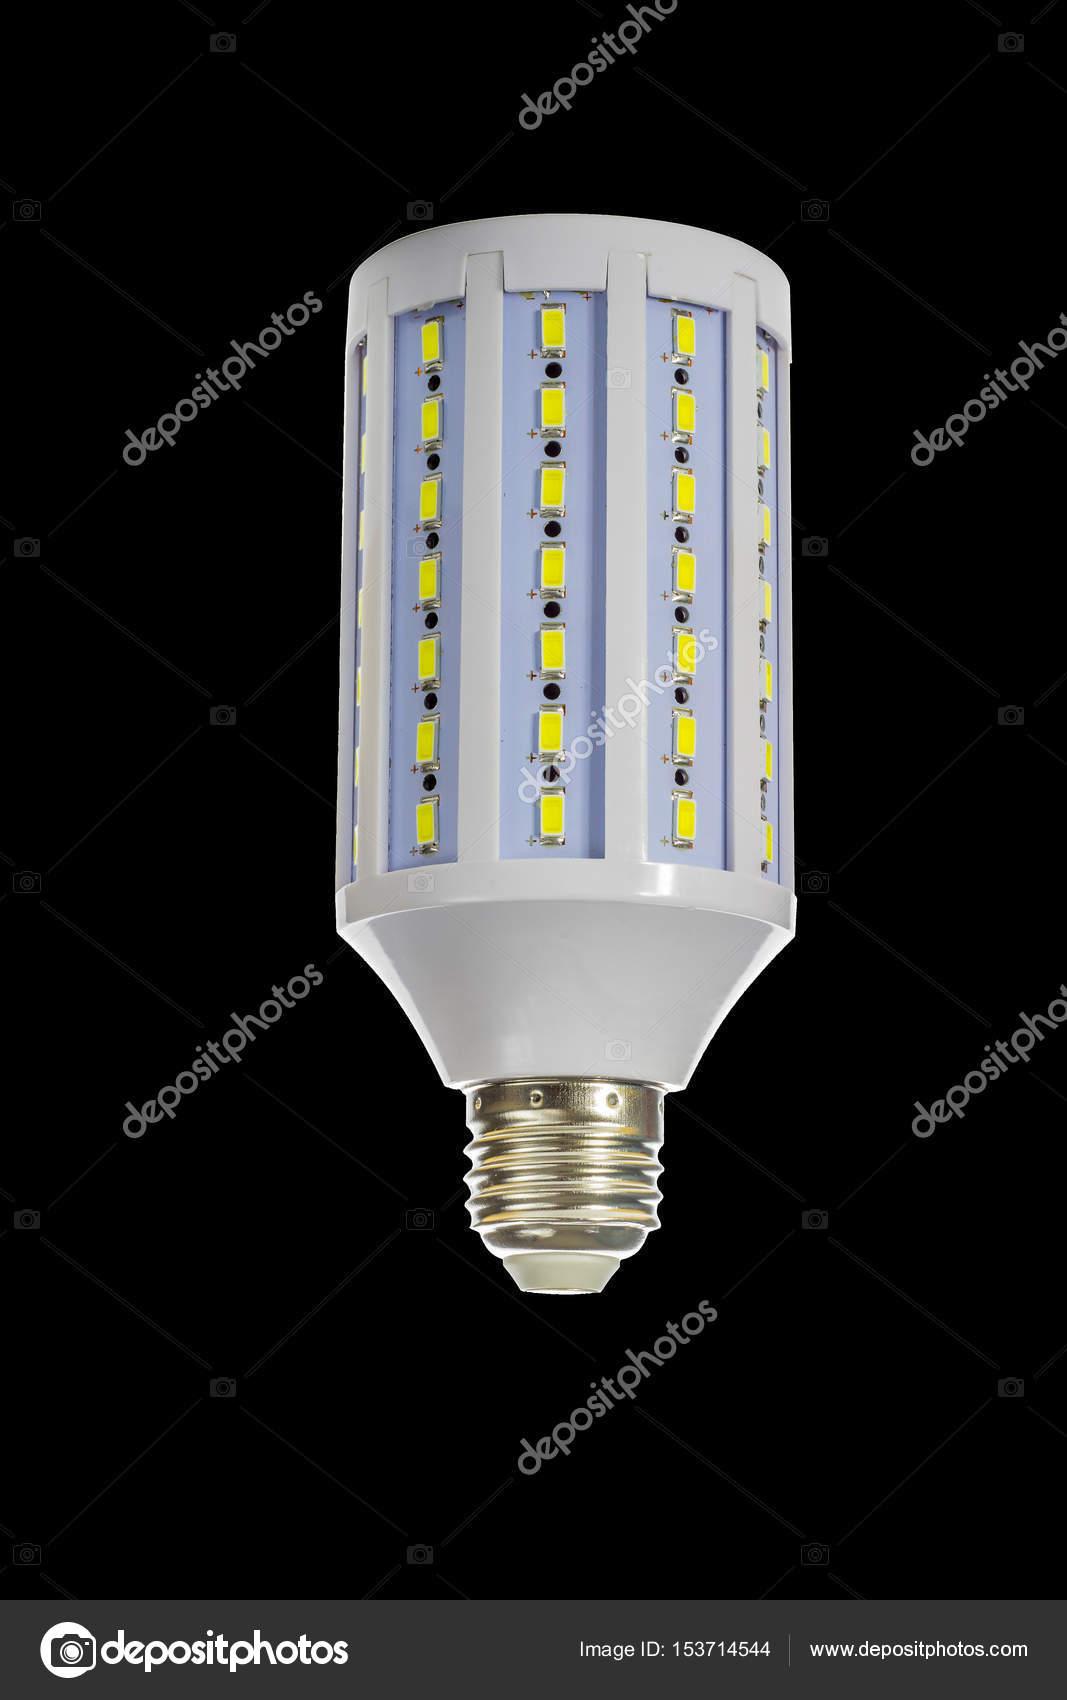 Lampe Led Economique Photographie Ruslanphoto C 153714544